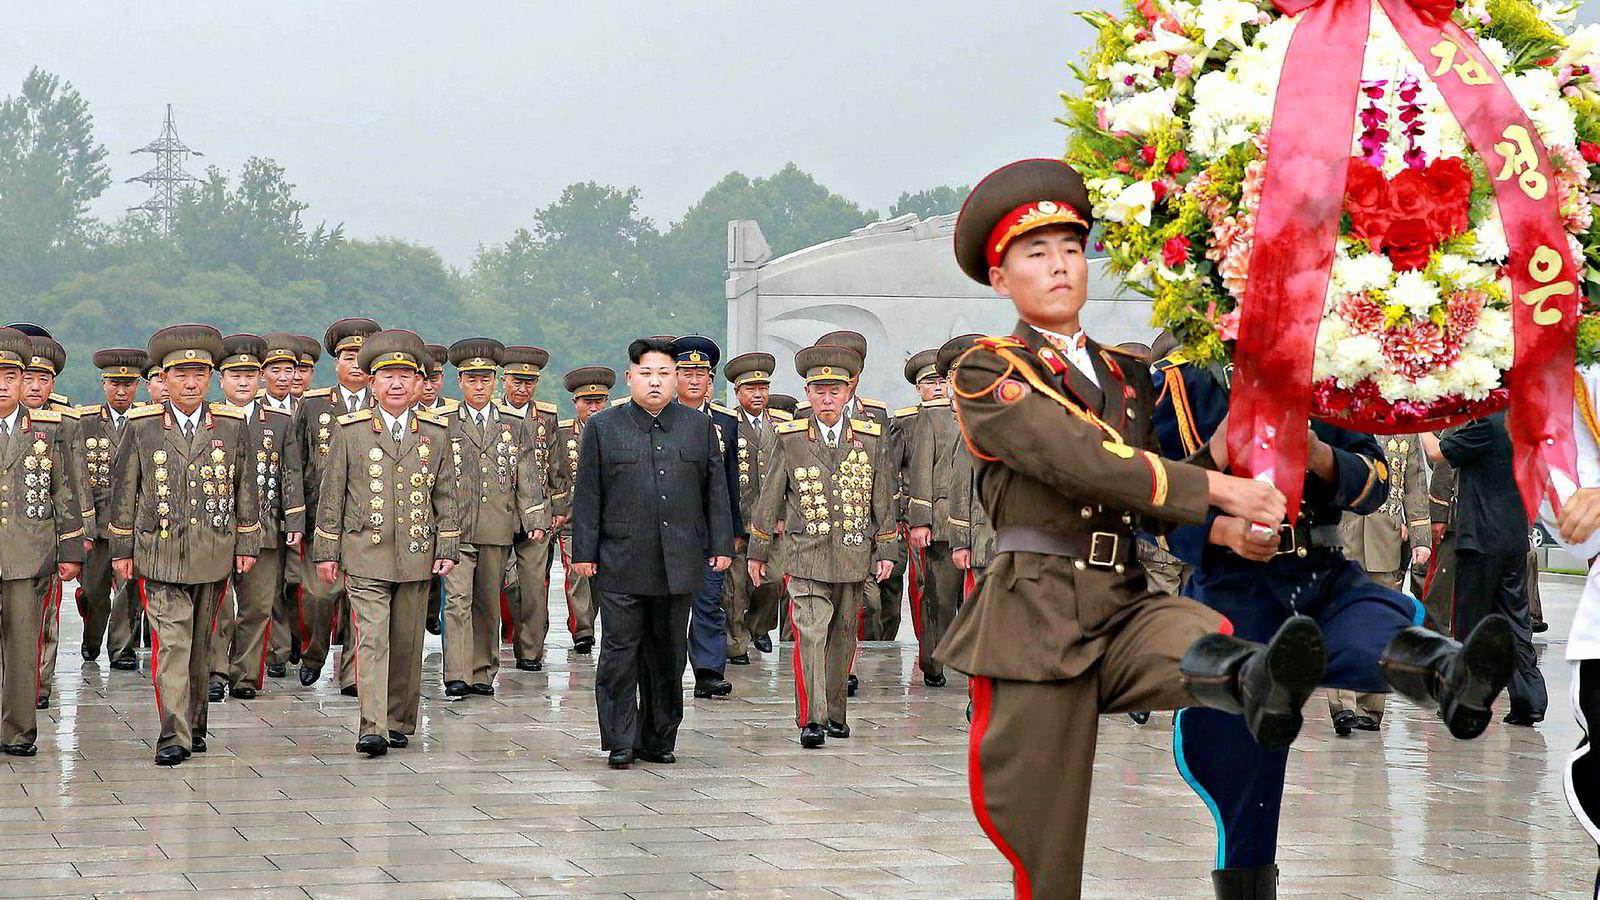 Fredag fikk Nord-Koreas leder Kim Jong-un nok en advarsel fra USAs president Donald Trump. Den spente situasjonen mellom de to landene har ført til et markert stemningsskifte i finansmarkedene denne uken.